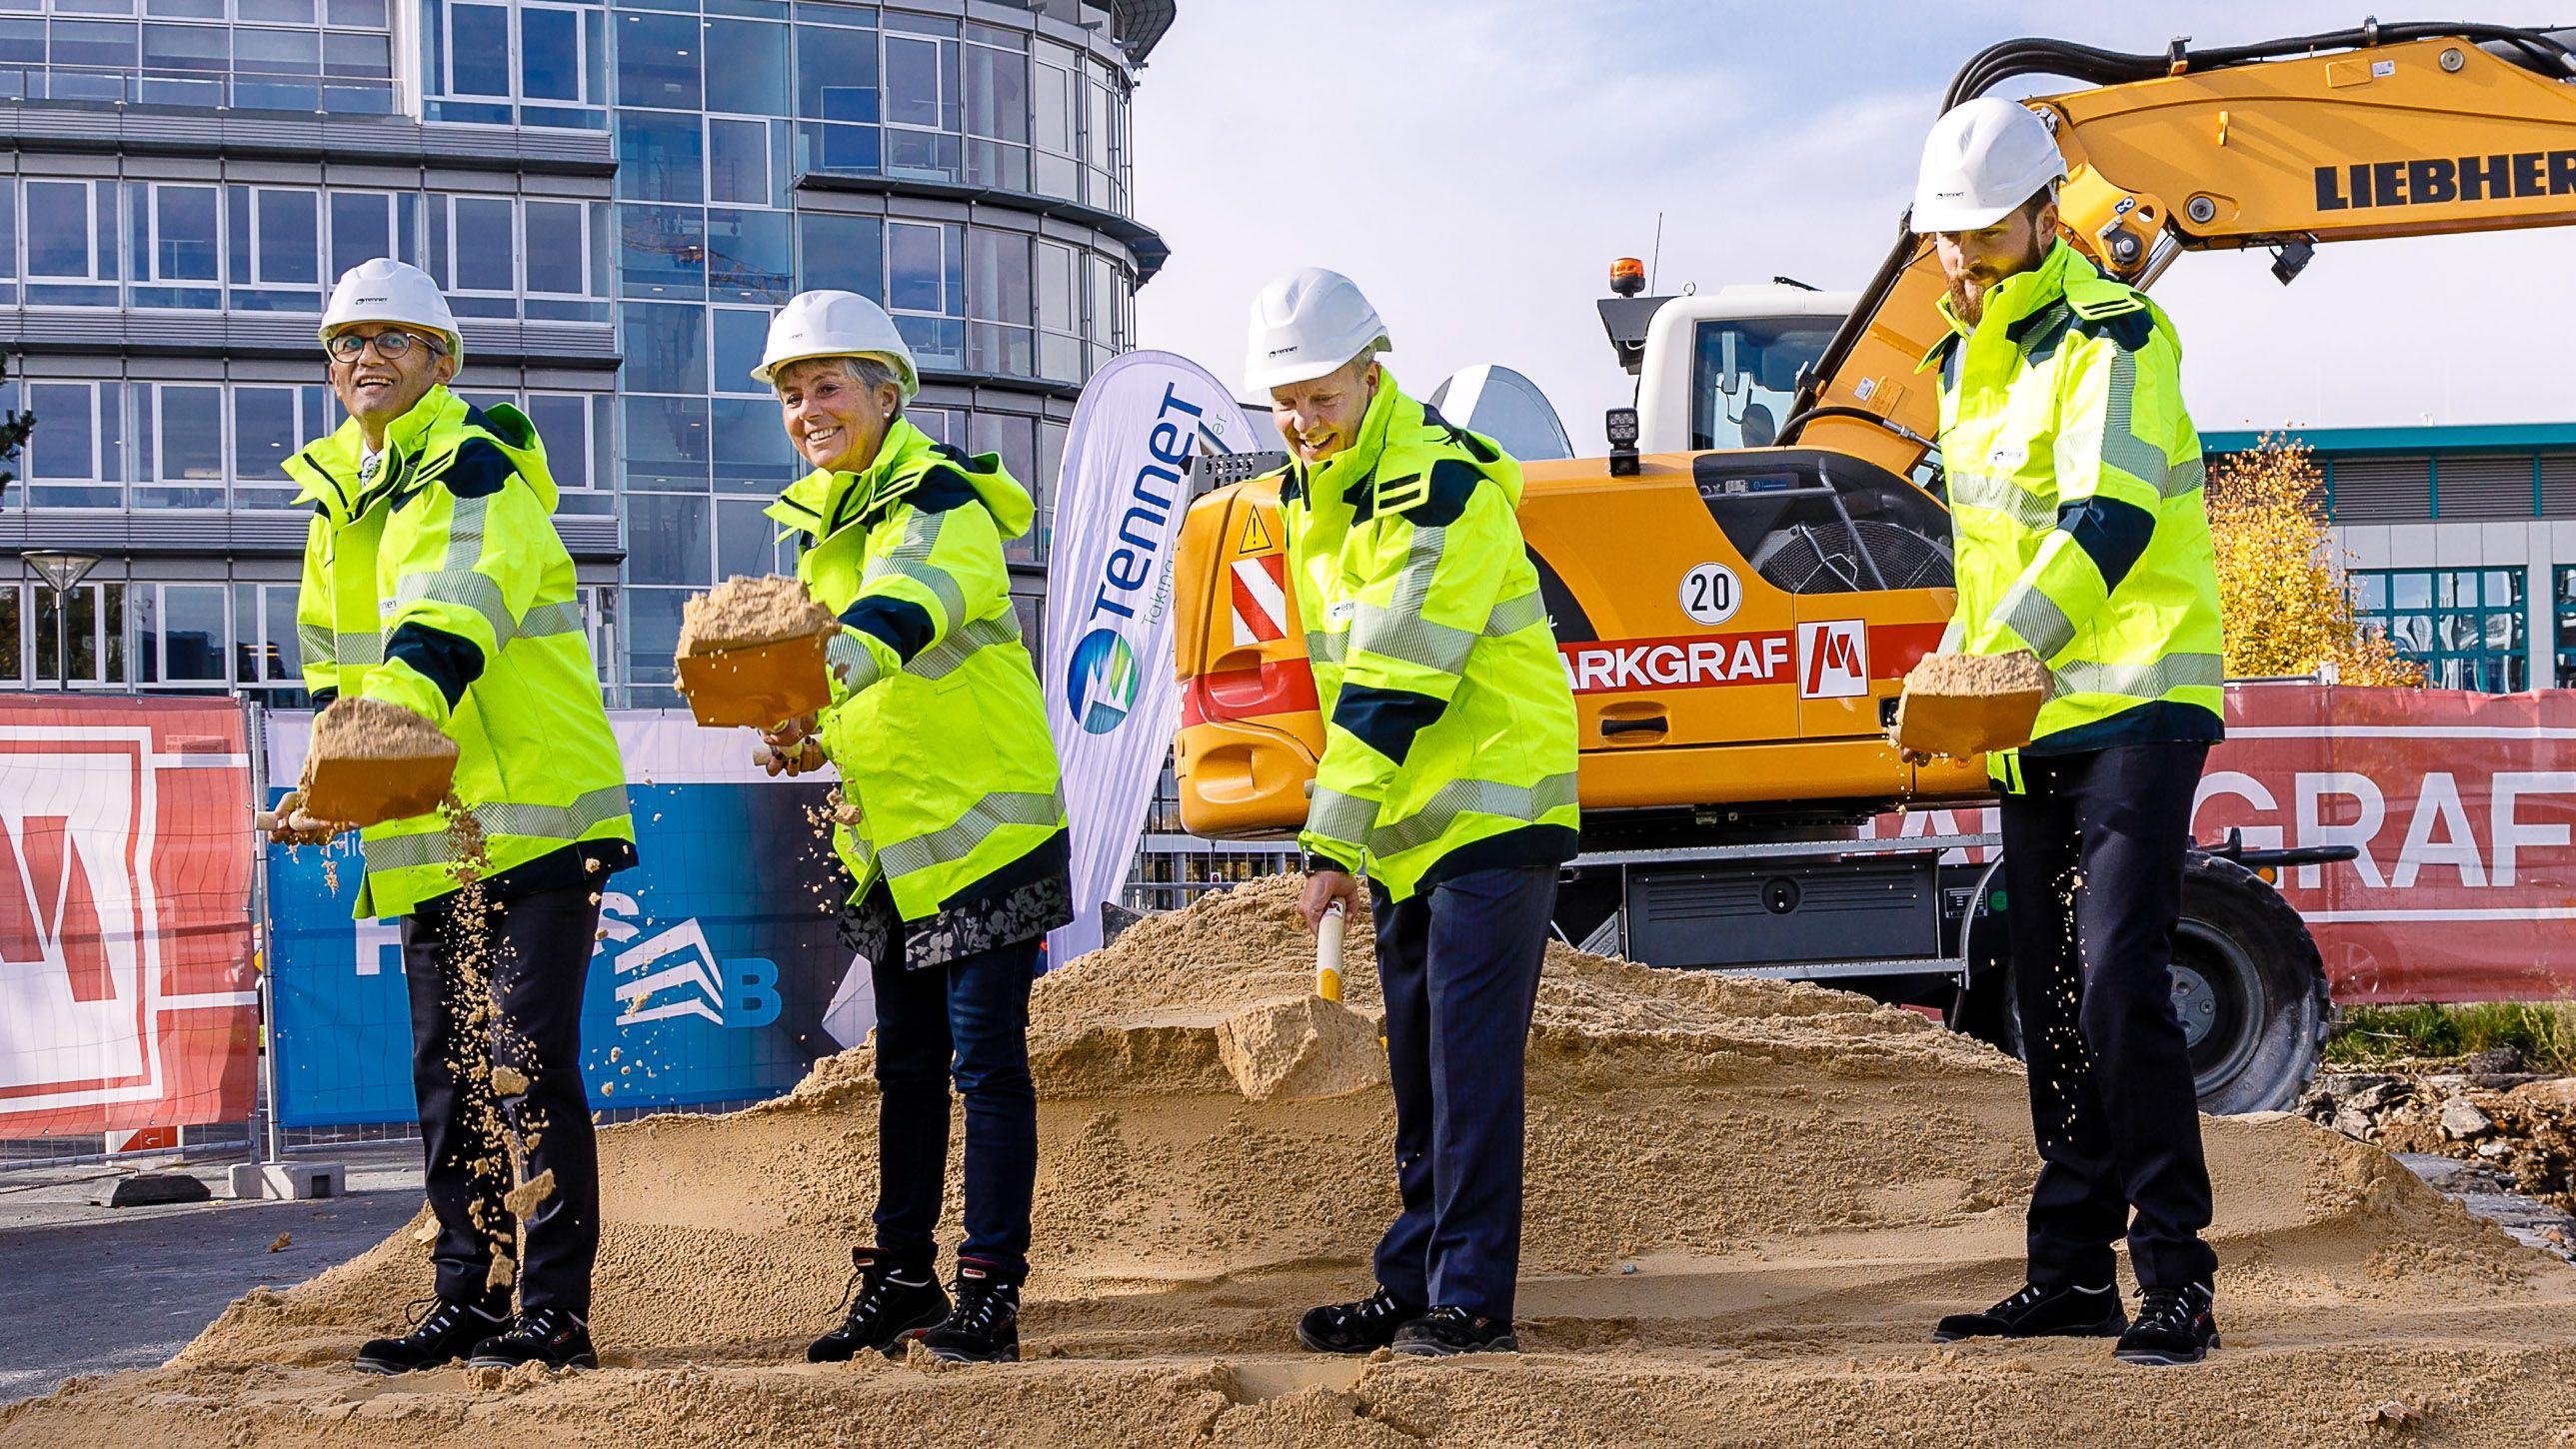 Politiker und Funktionäre stehen mit Spaten auf einer Baustelle und werfen Sand.